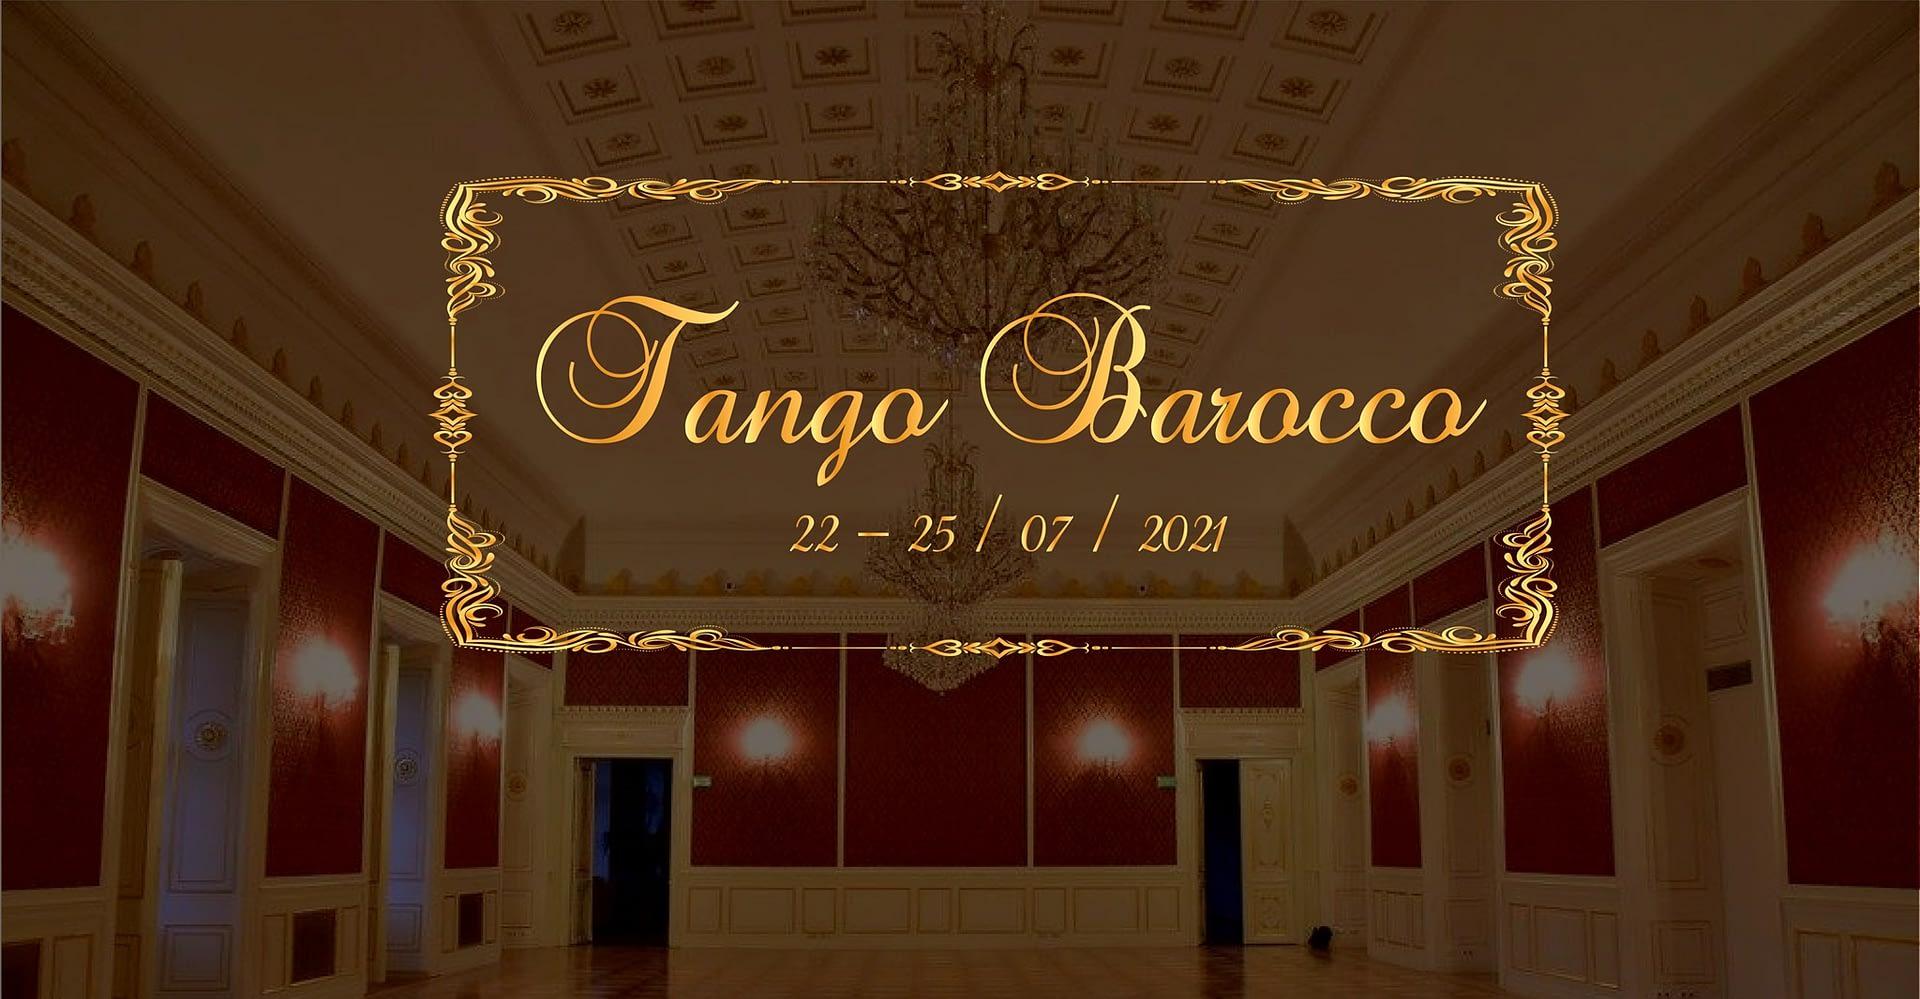 Tango Barocco Festival